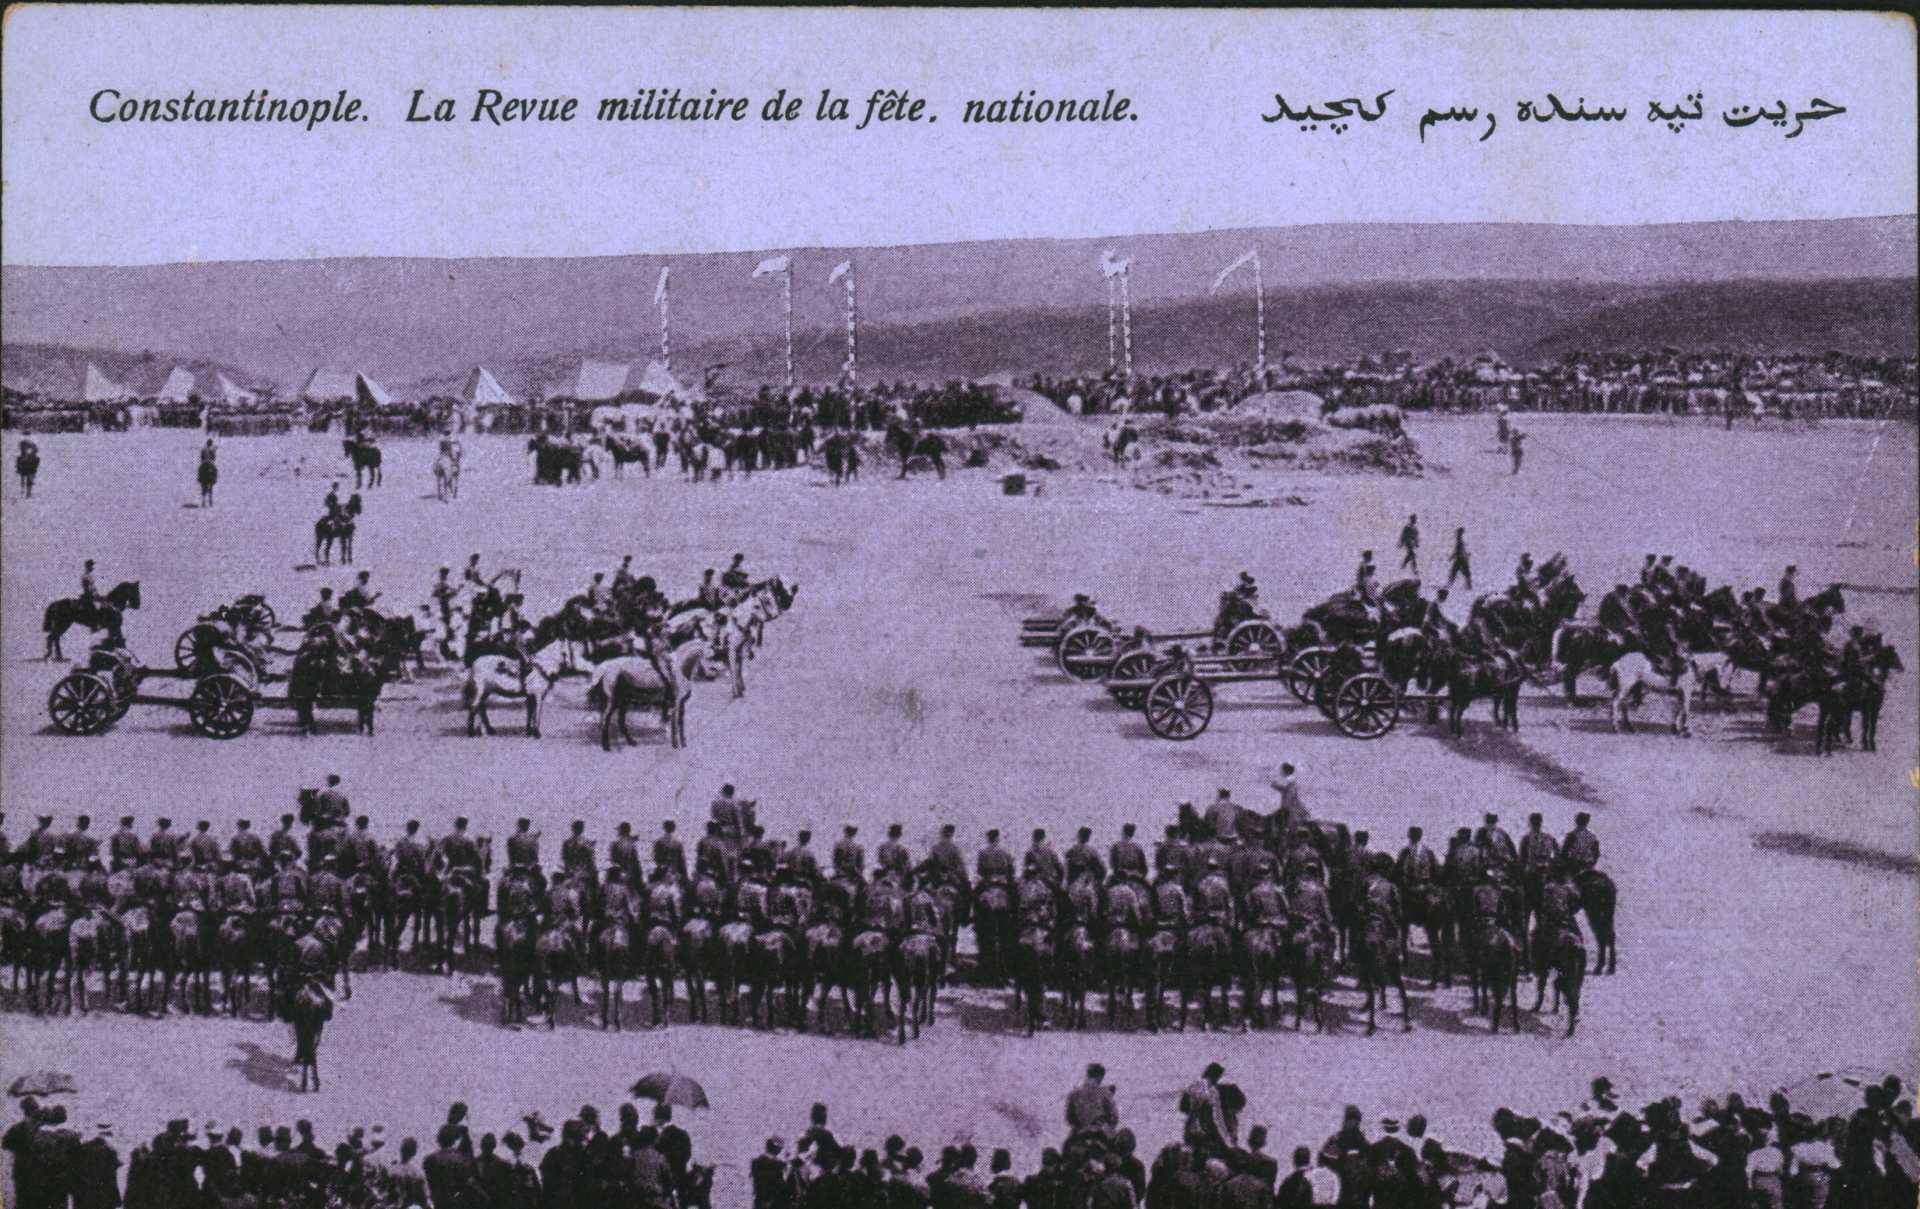 Constantinople. La Revue militaire de la fete nationale